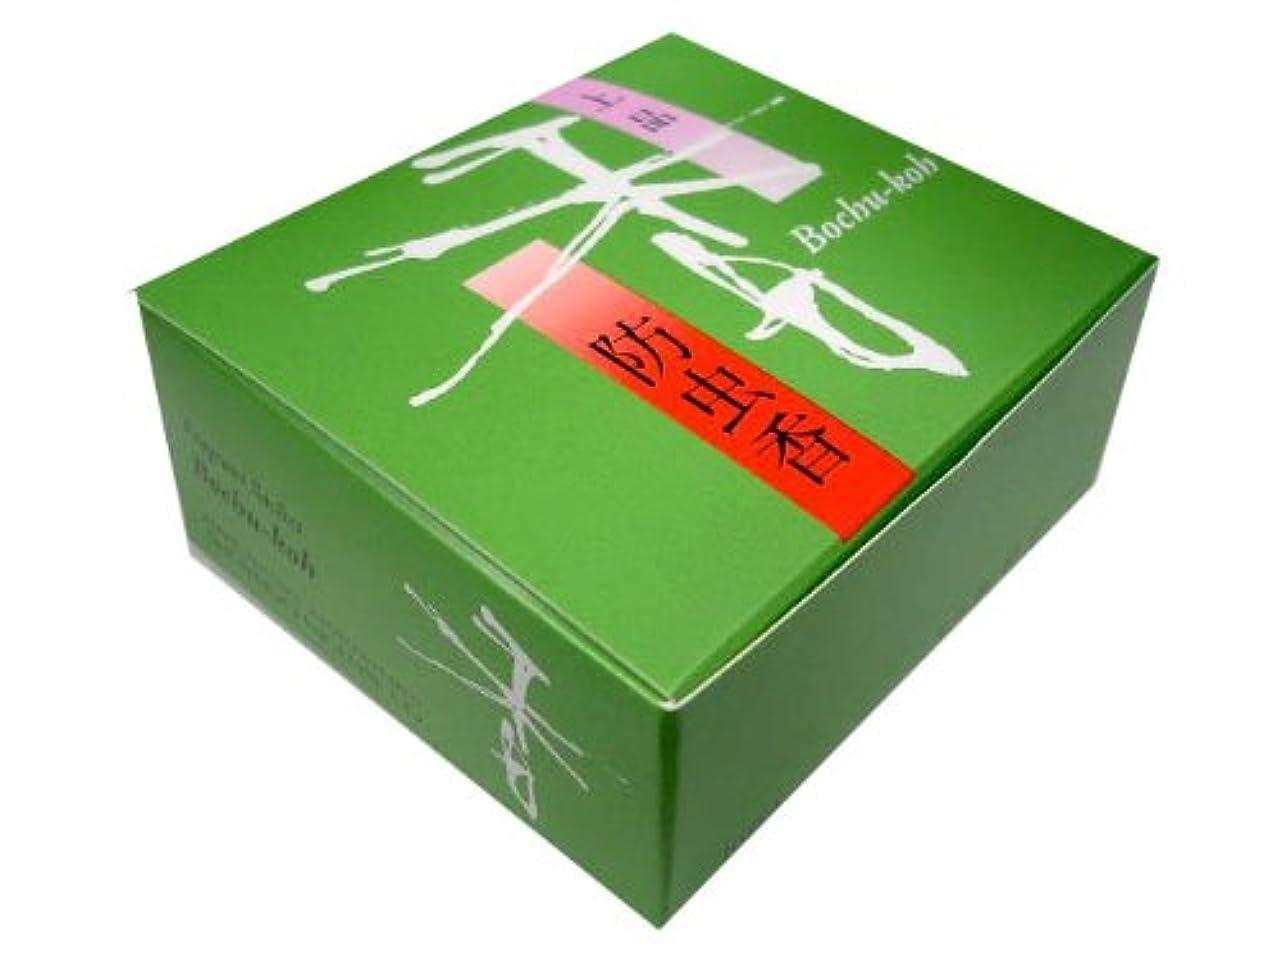 空港伝統アイザック松栄堂の防虫香 上品 防虫香 10袋入 #520138